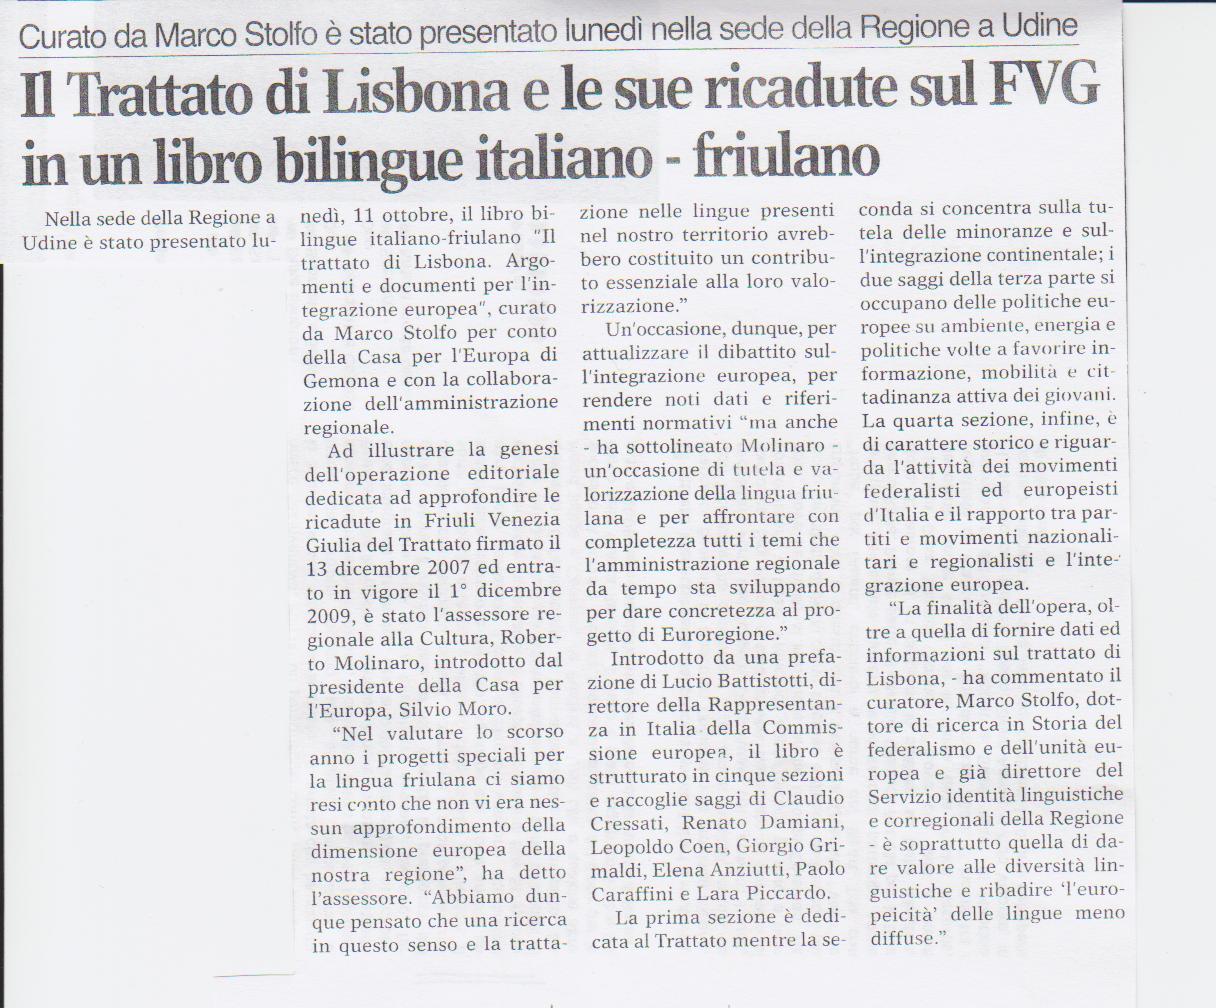 Il Trattato di Lisbona e le sue ricadute - ottobre 2010